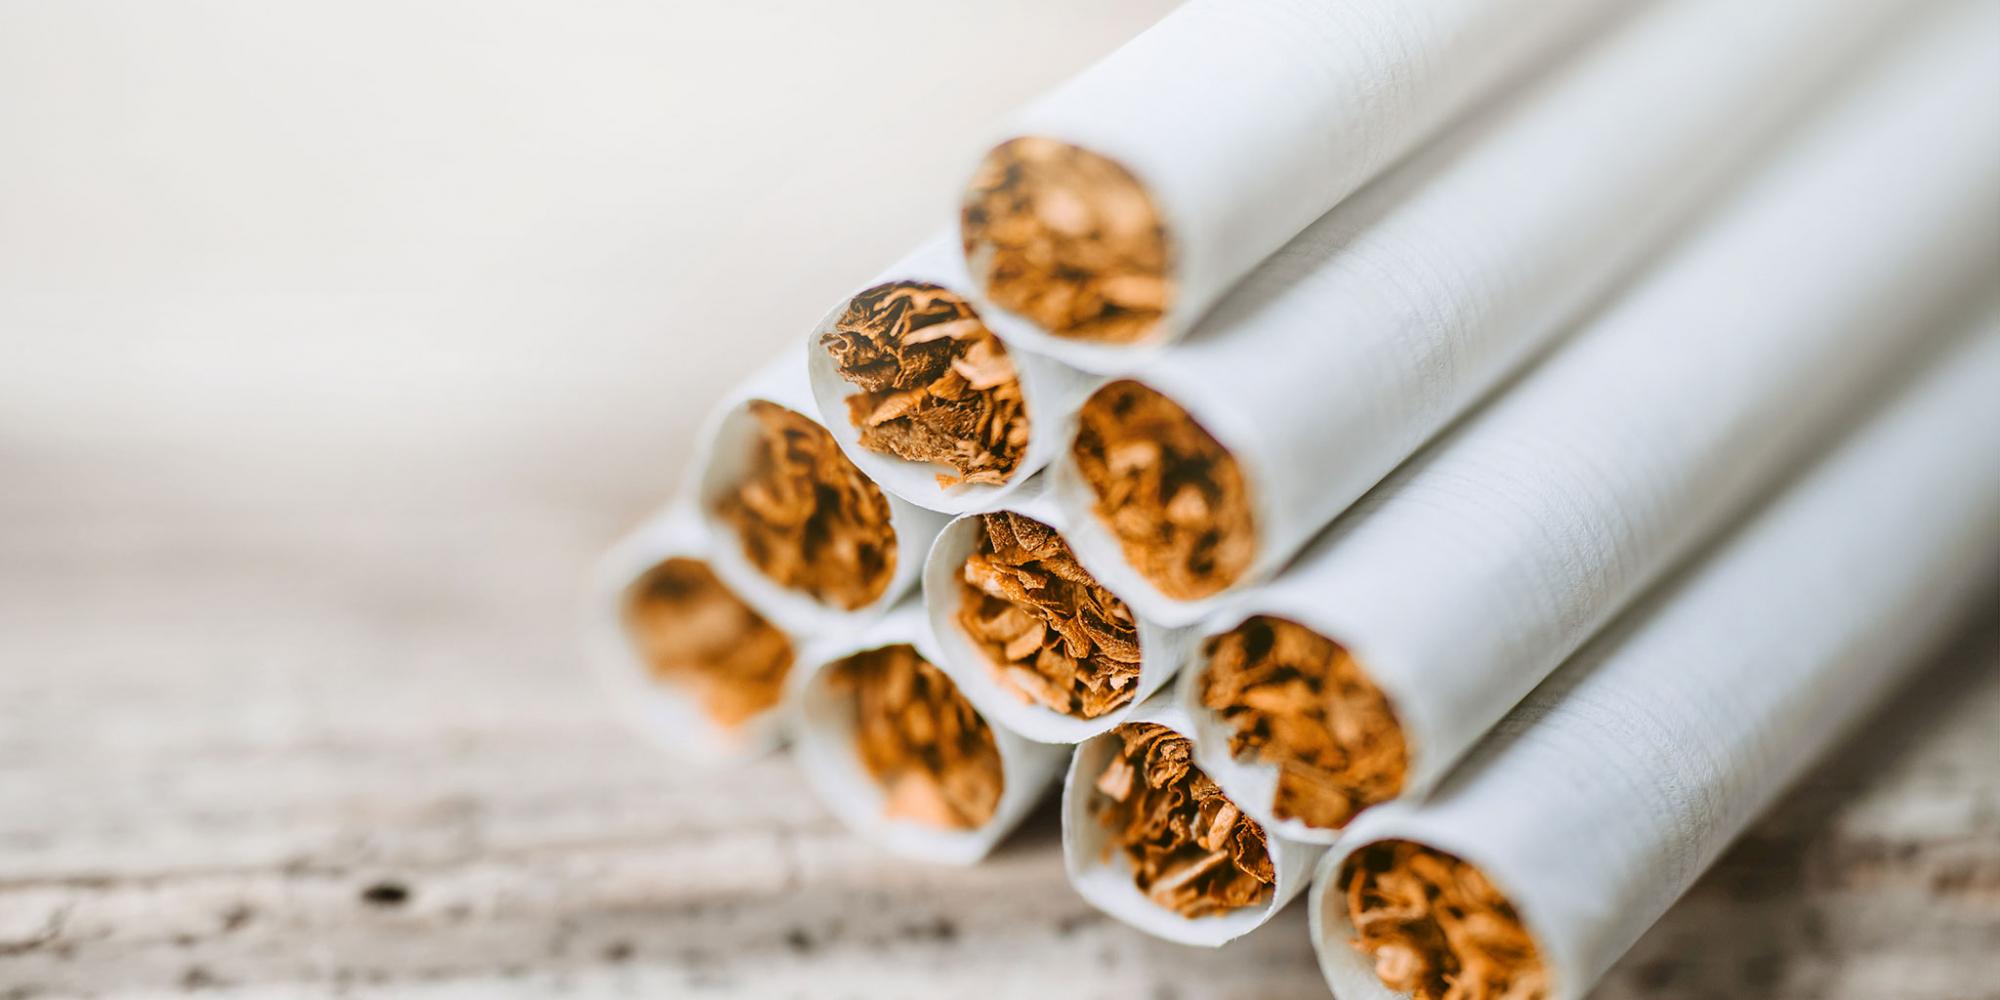 Tabakwaren Großhandel | Zigaretten Glasschröder